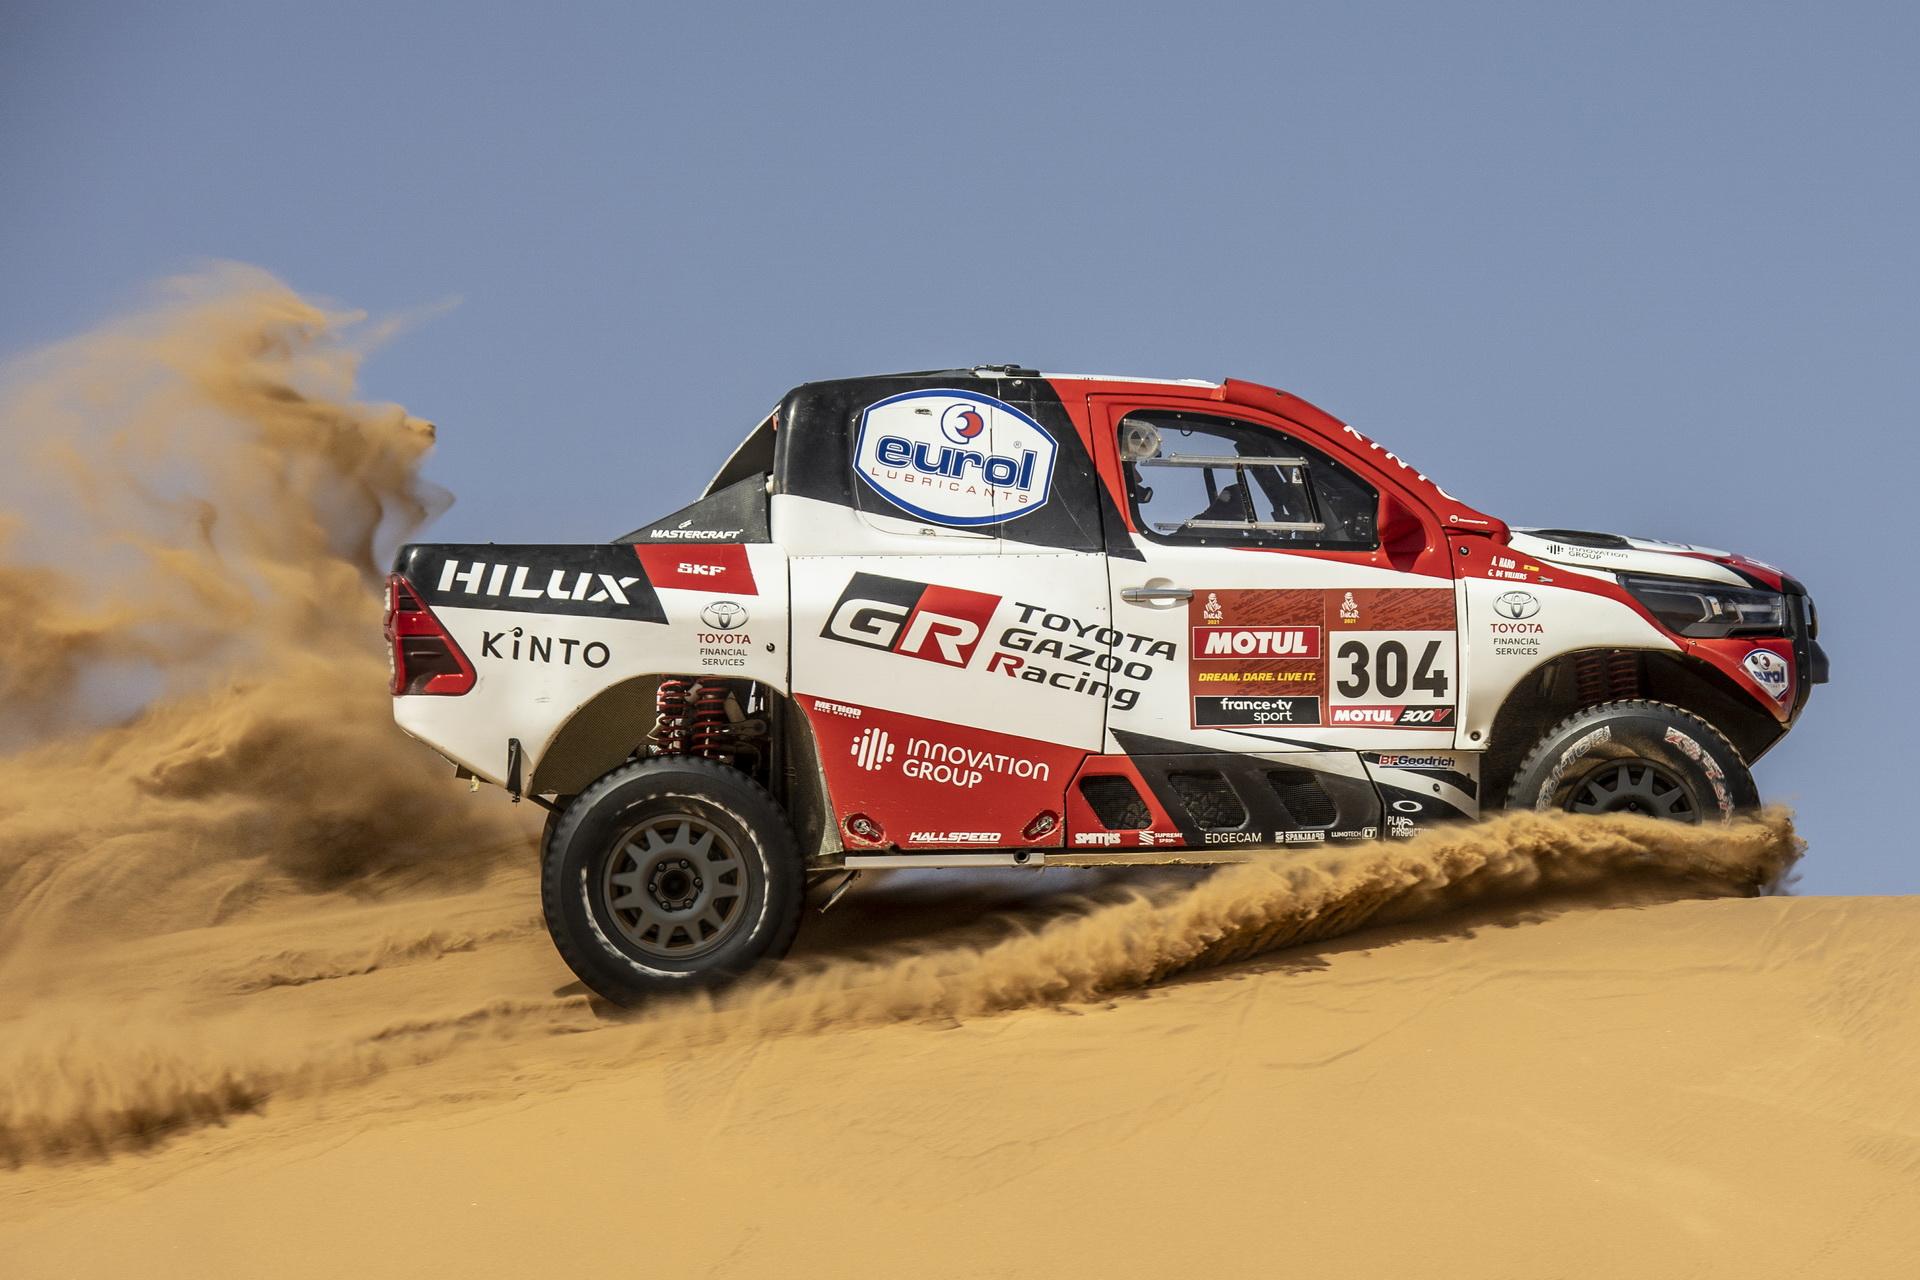 Toyota Hilux V8 Gazoo